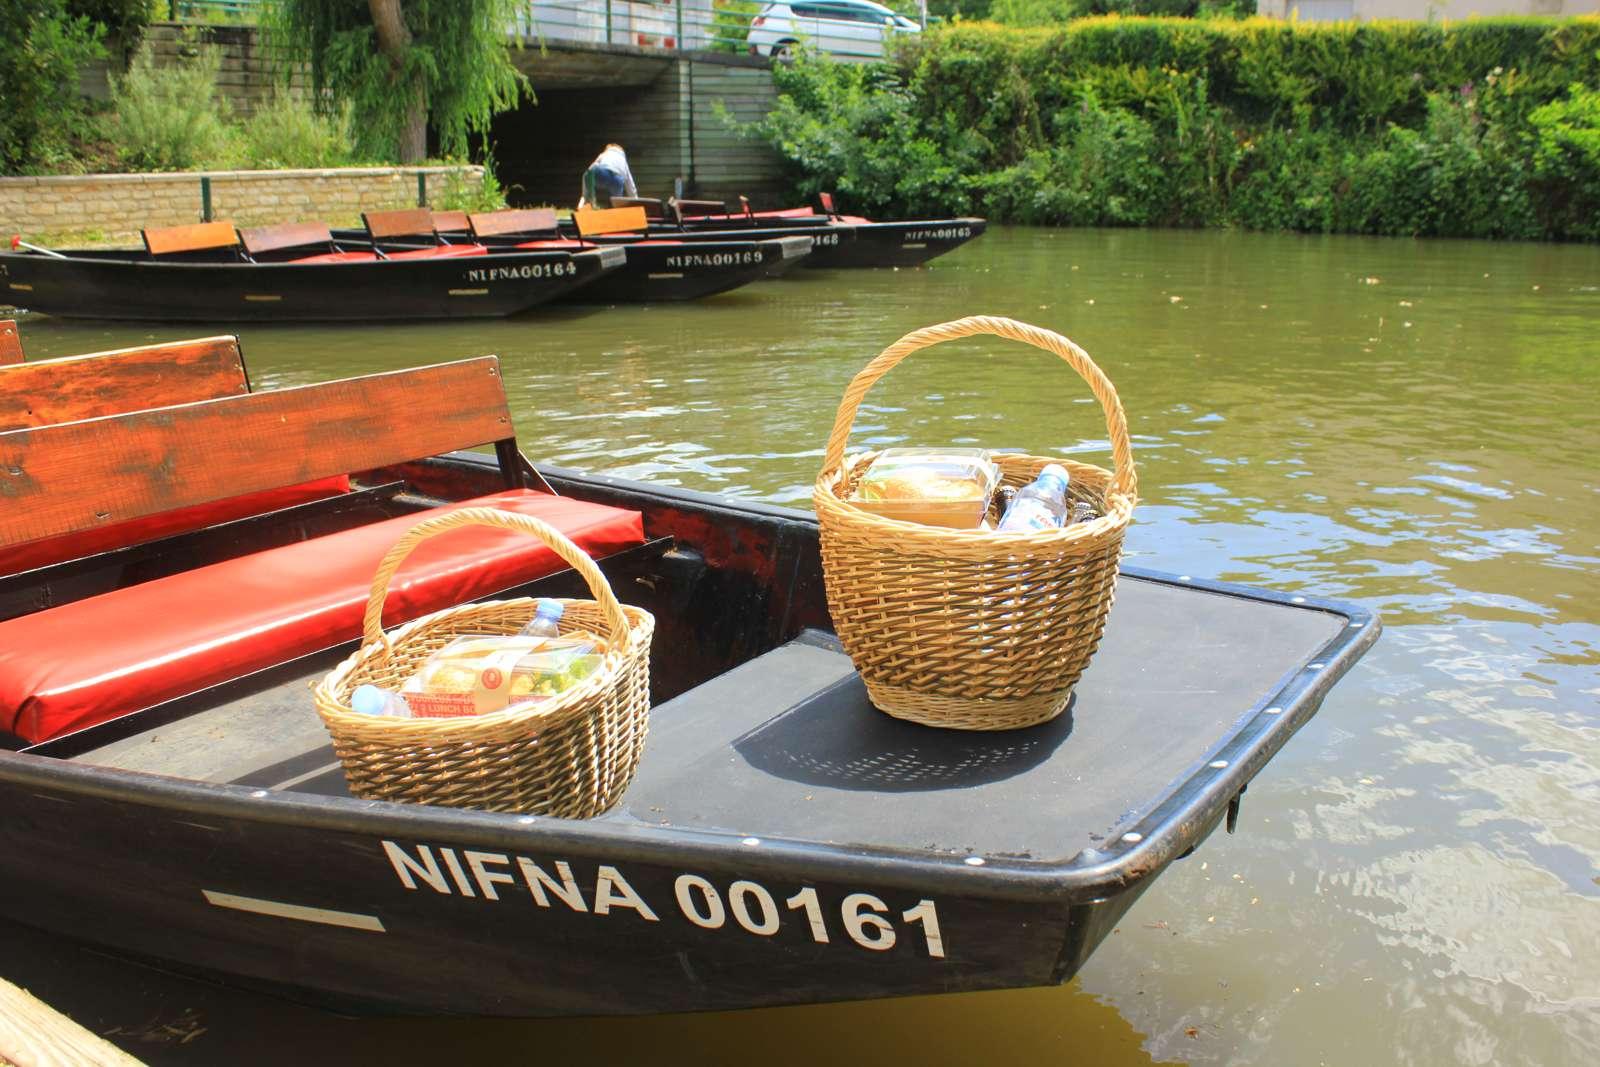 Restaurant au bord de l'eau Panier pique nique Le mazeau